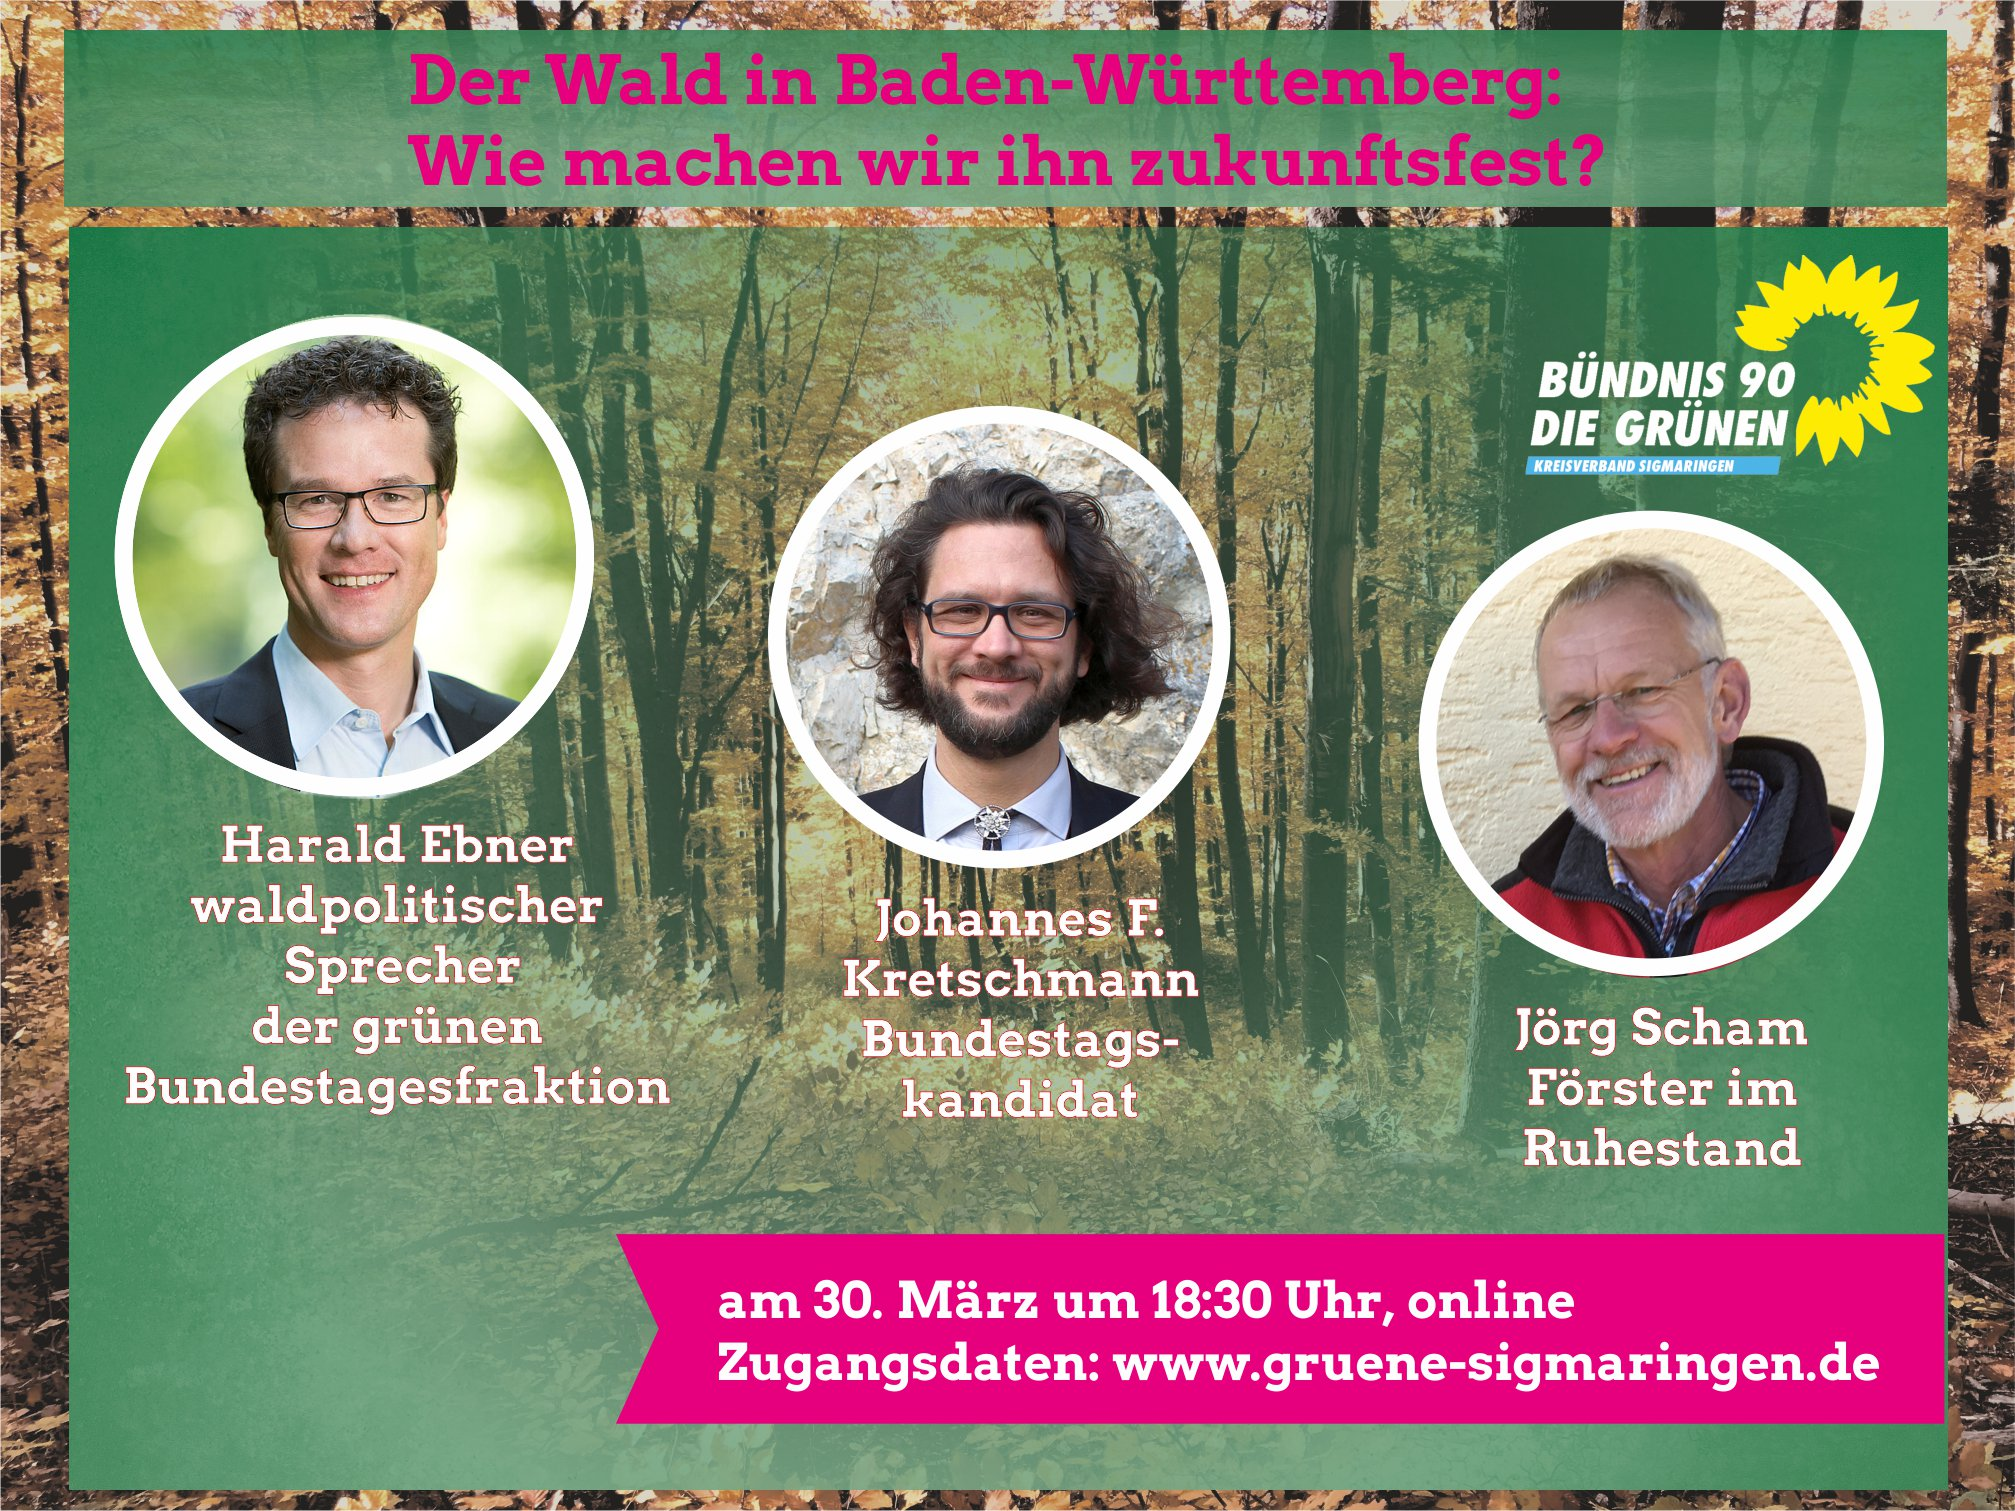 Der Wald in Baden-Württemberg: Wie machen wir ihn zukunftsfest?